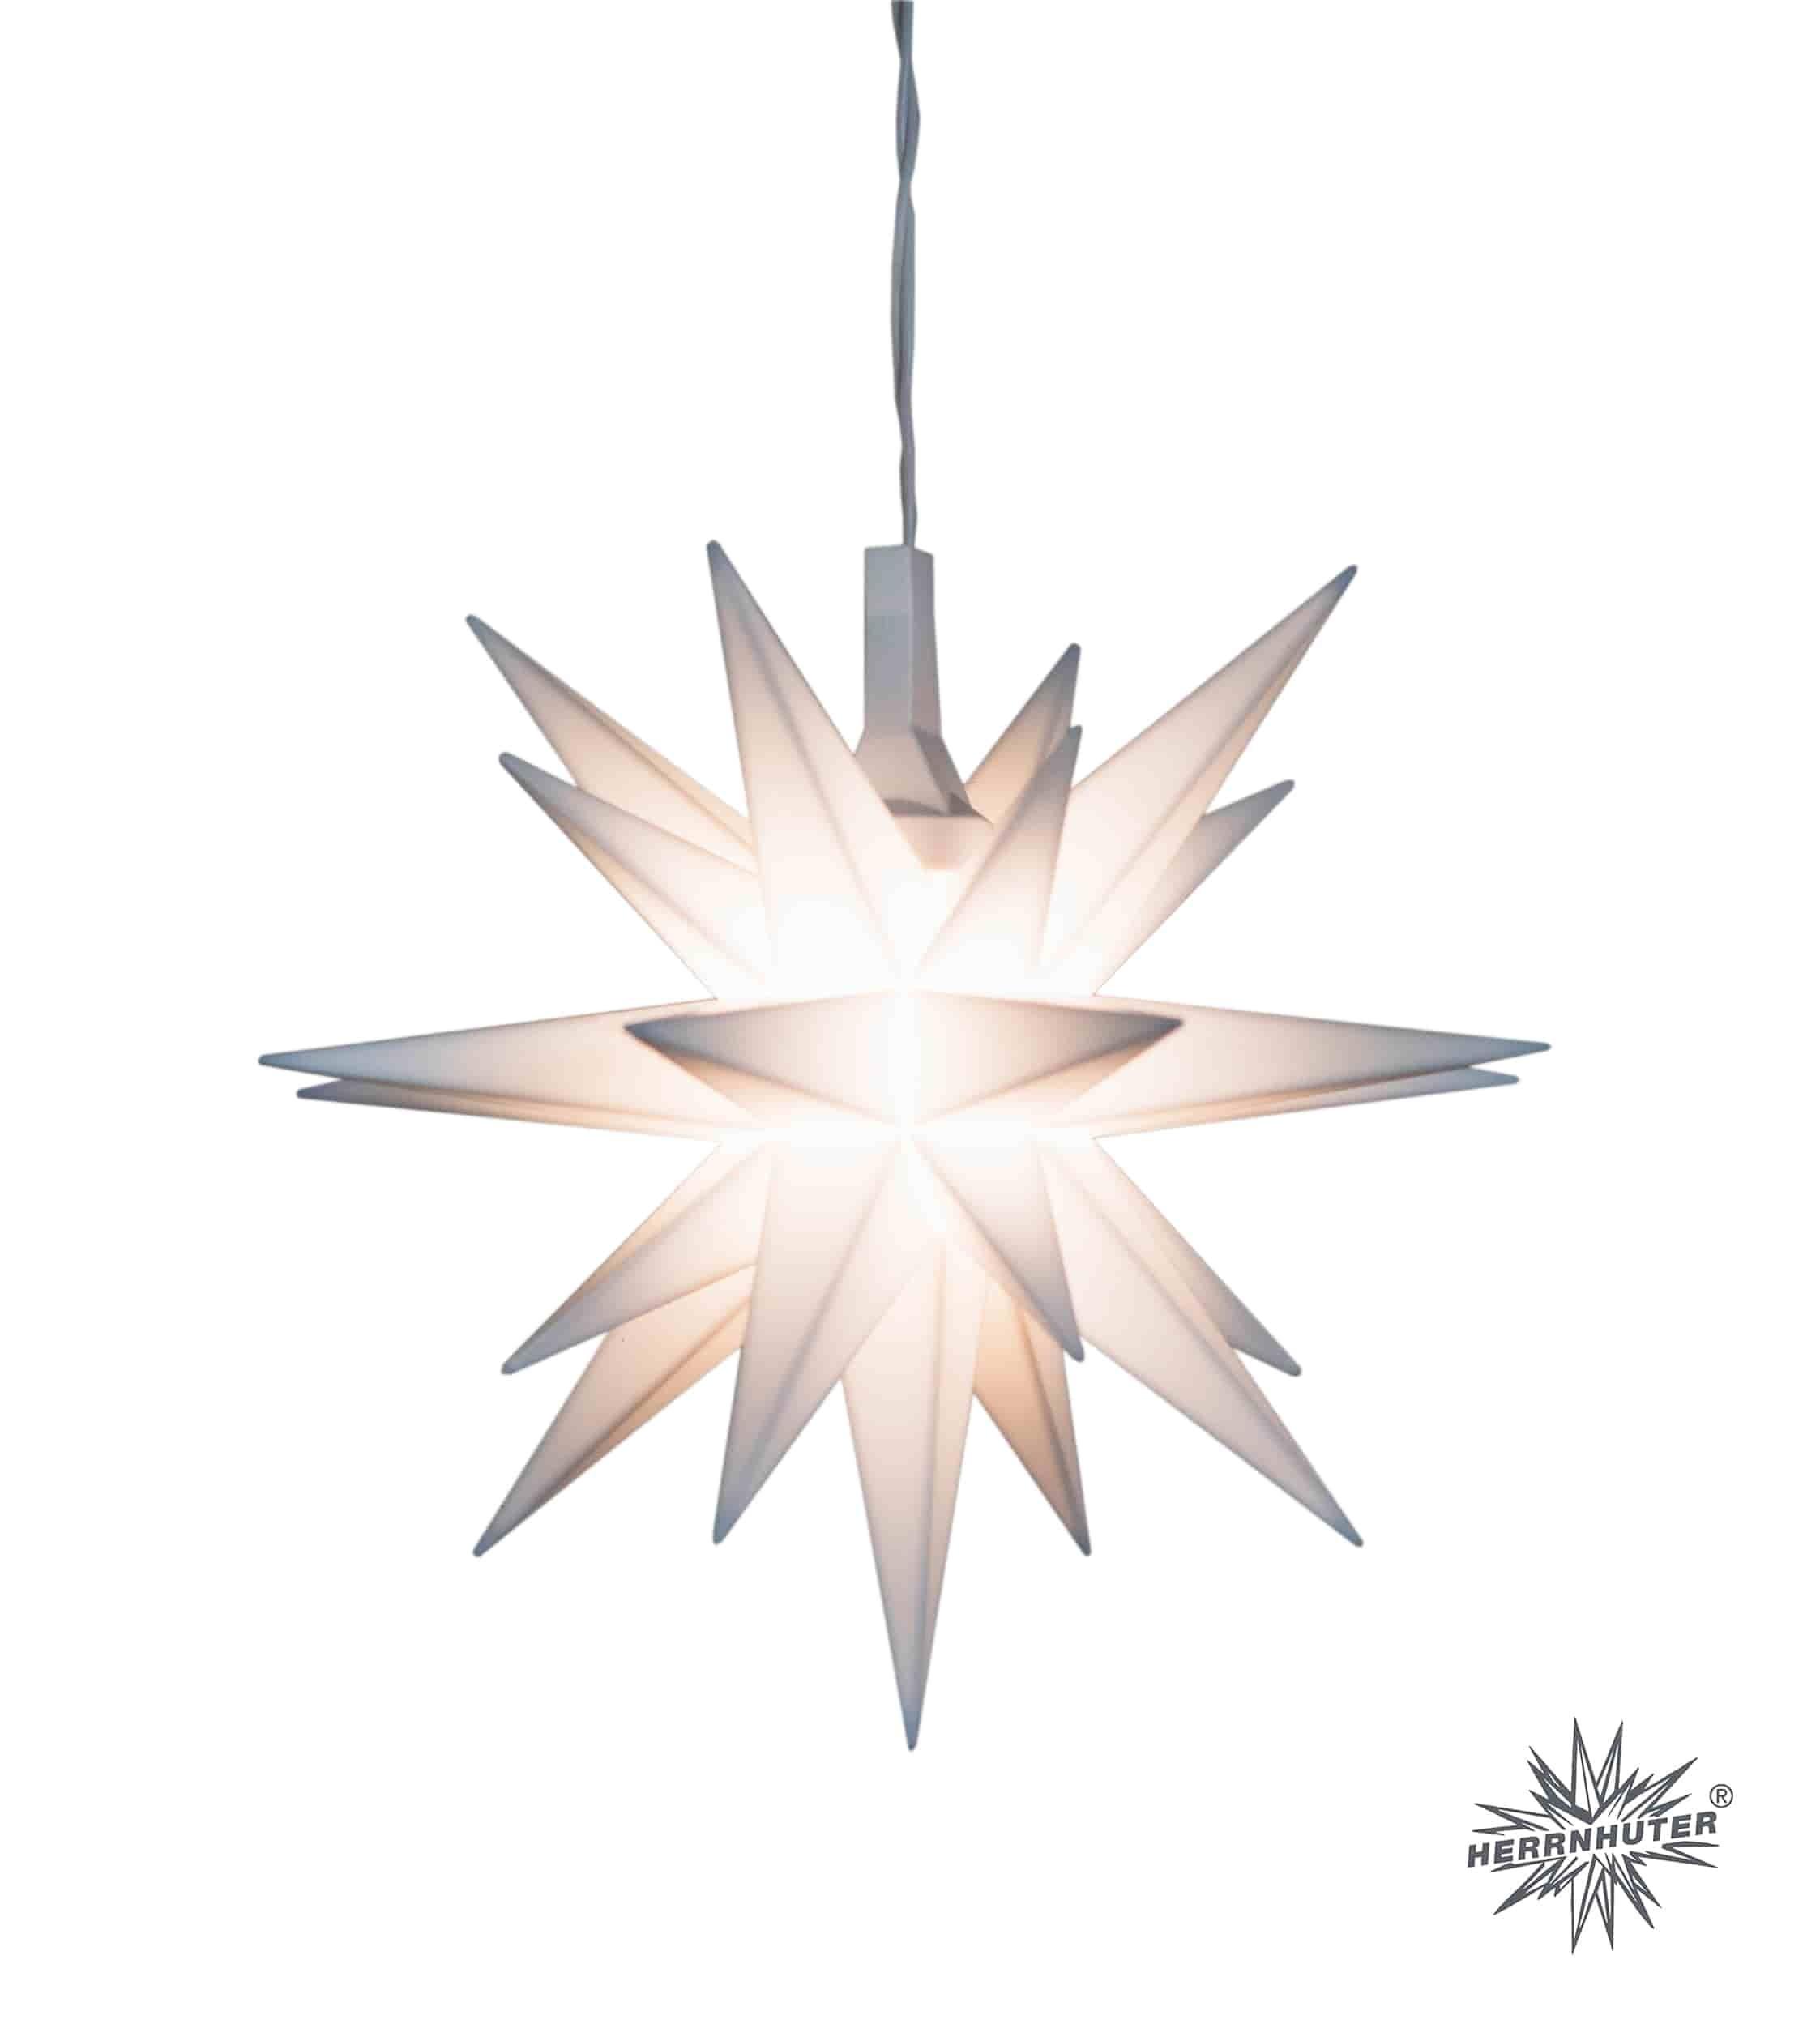 Original Herrnhuter Miniaturstern für innen ø ca. 8 cm weiß inkl. LED